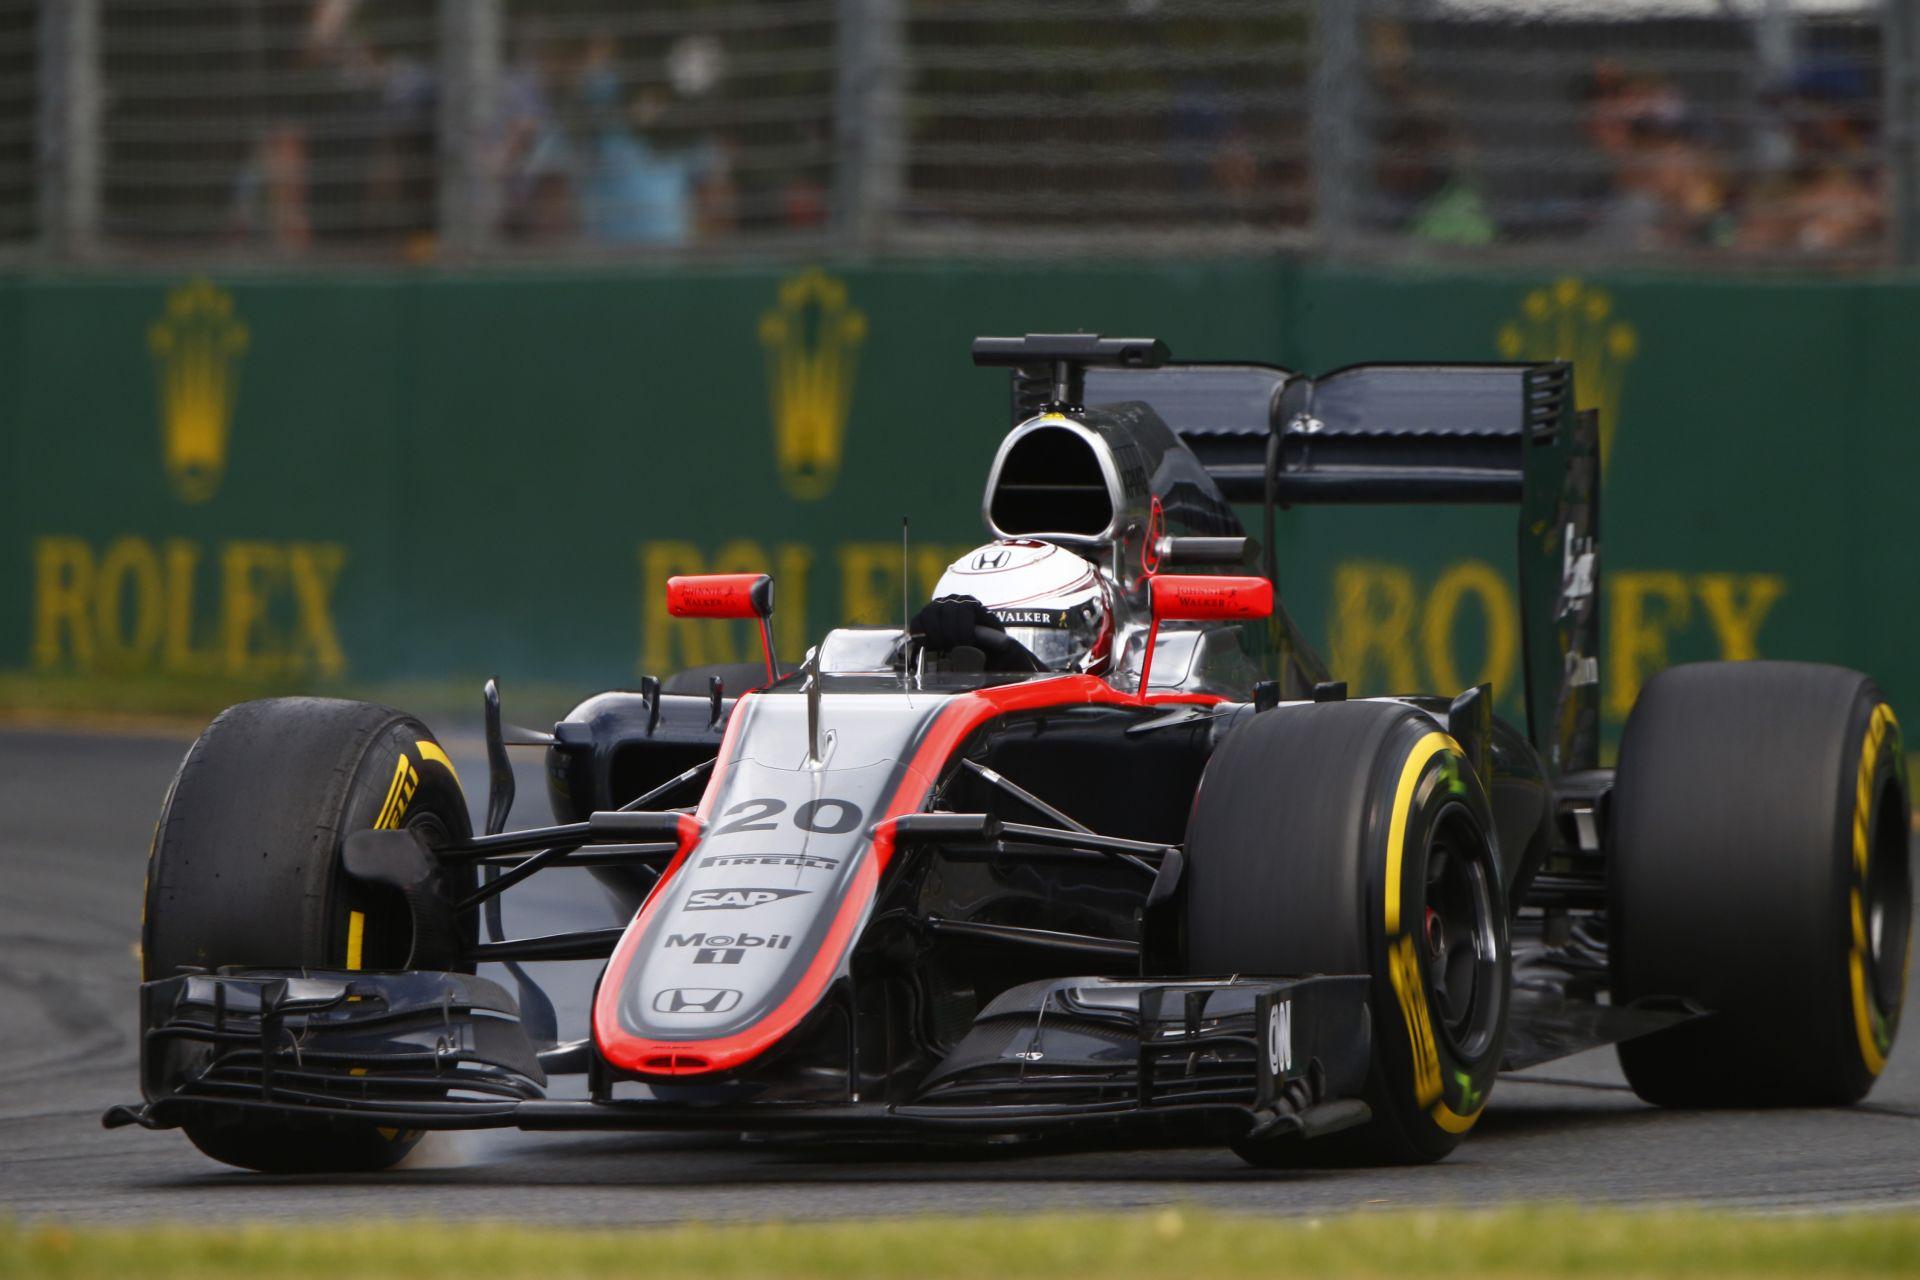 Egy F1-es karrier, amiben sokkal több volt: tényleg csak egy év jutott volna Magnussennek a királykategóriában?